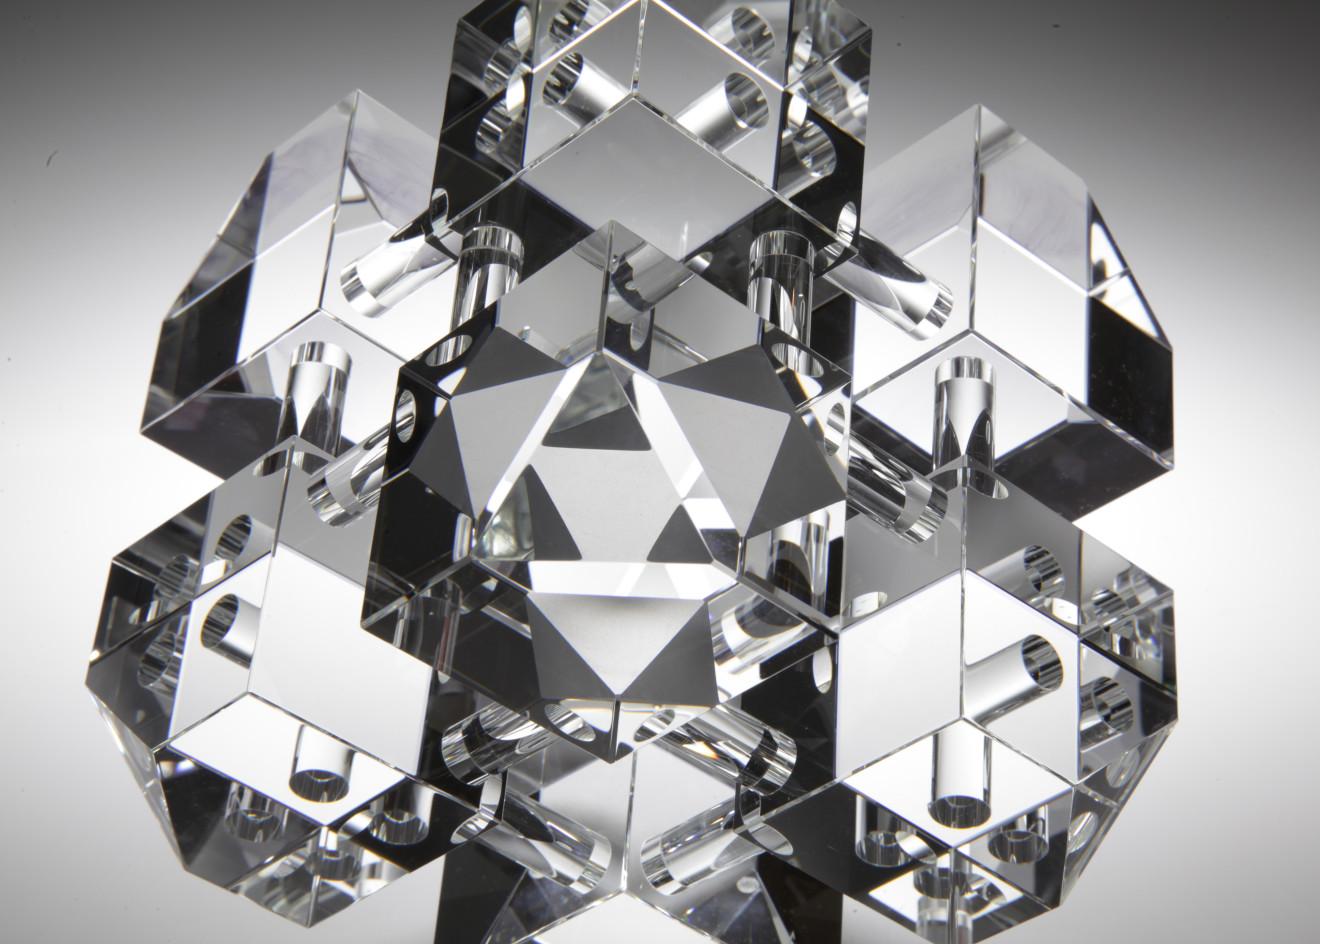 Jan-Joop Ruisch, Cube Construction, Matt detail